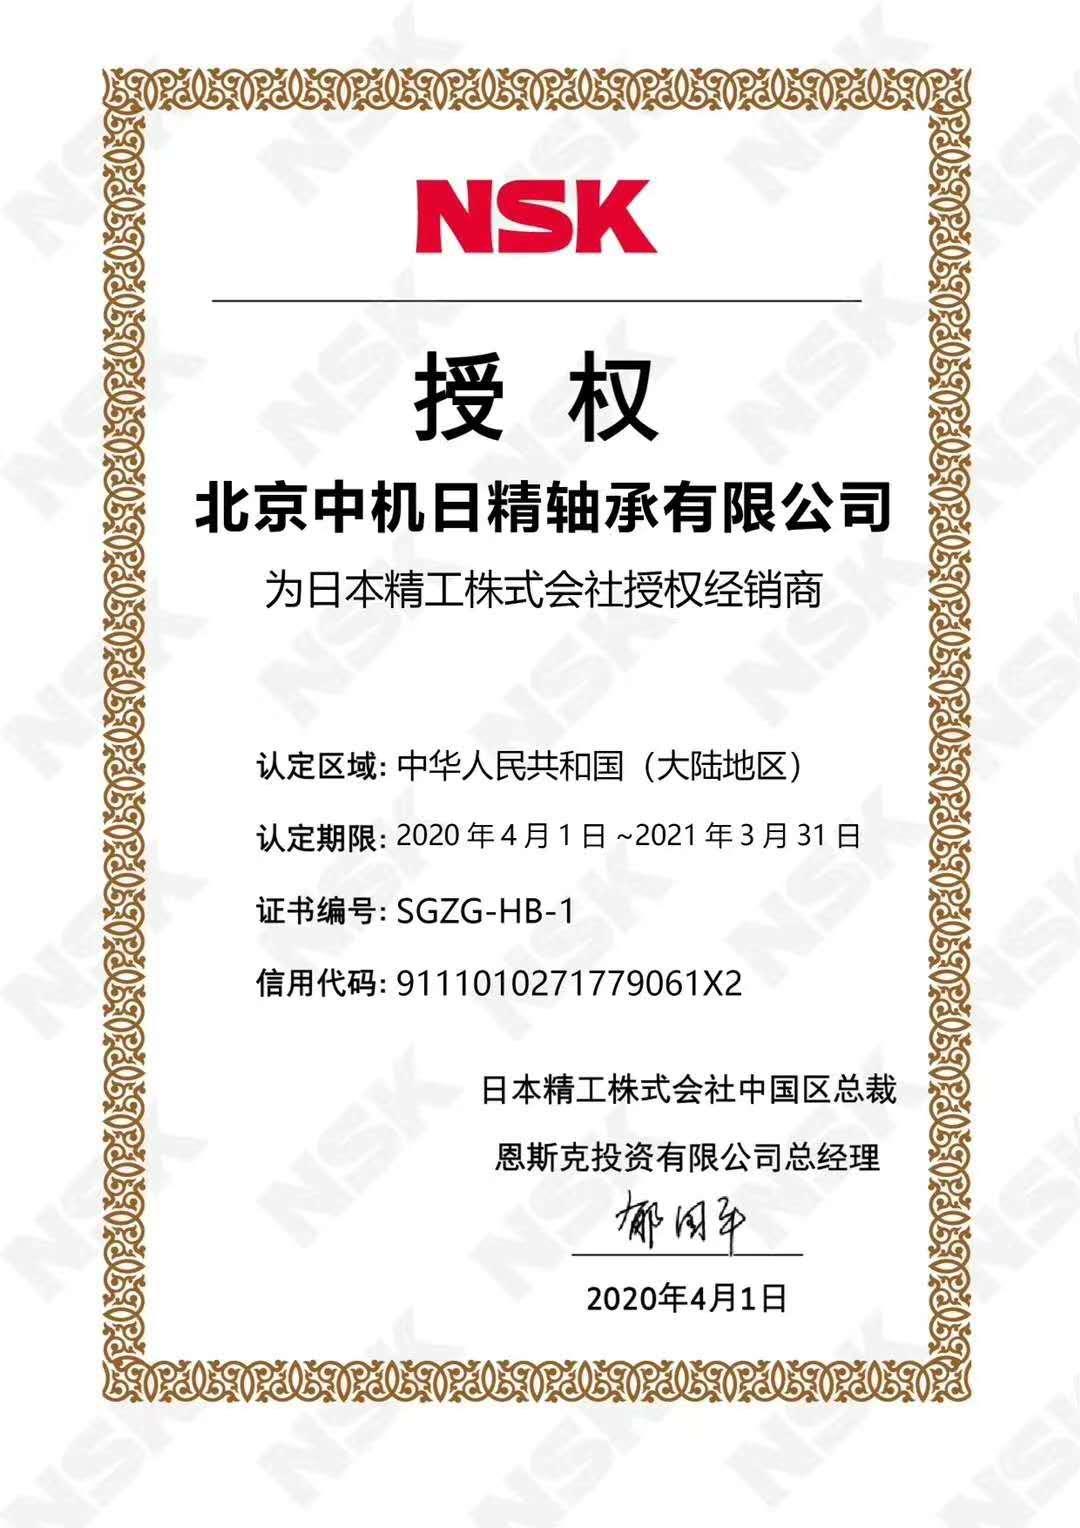 平湖中机昌盛机械配件有限公司